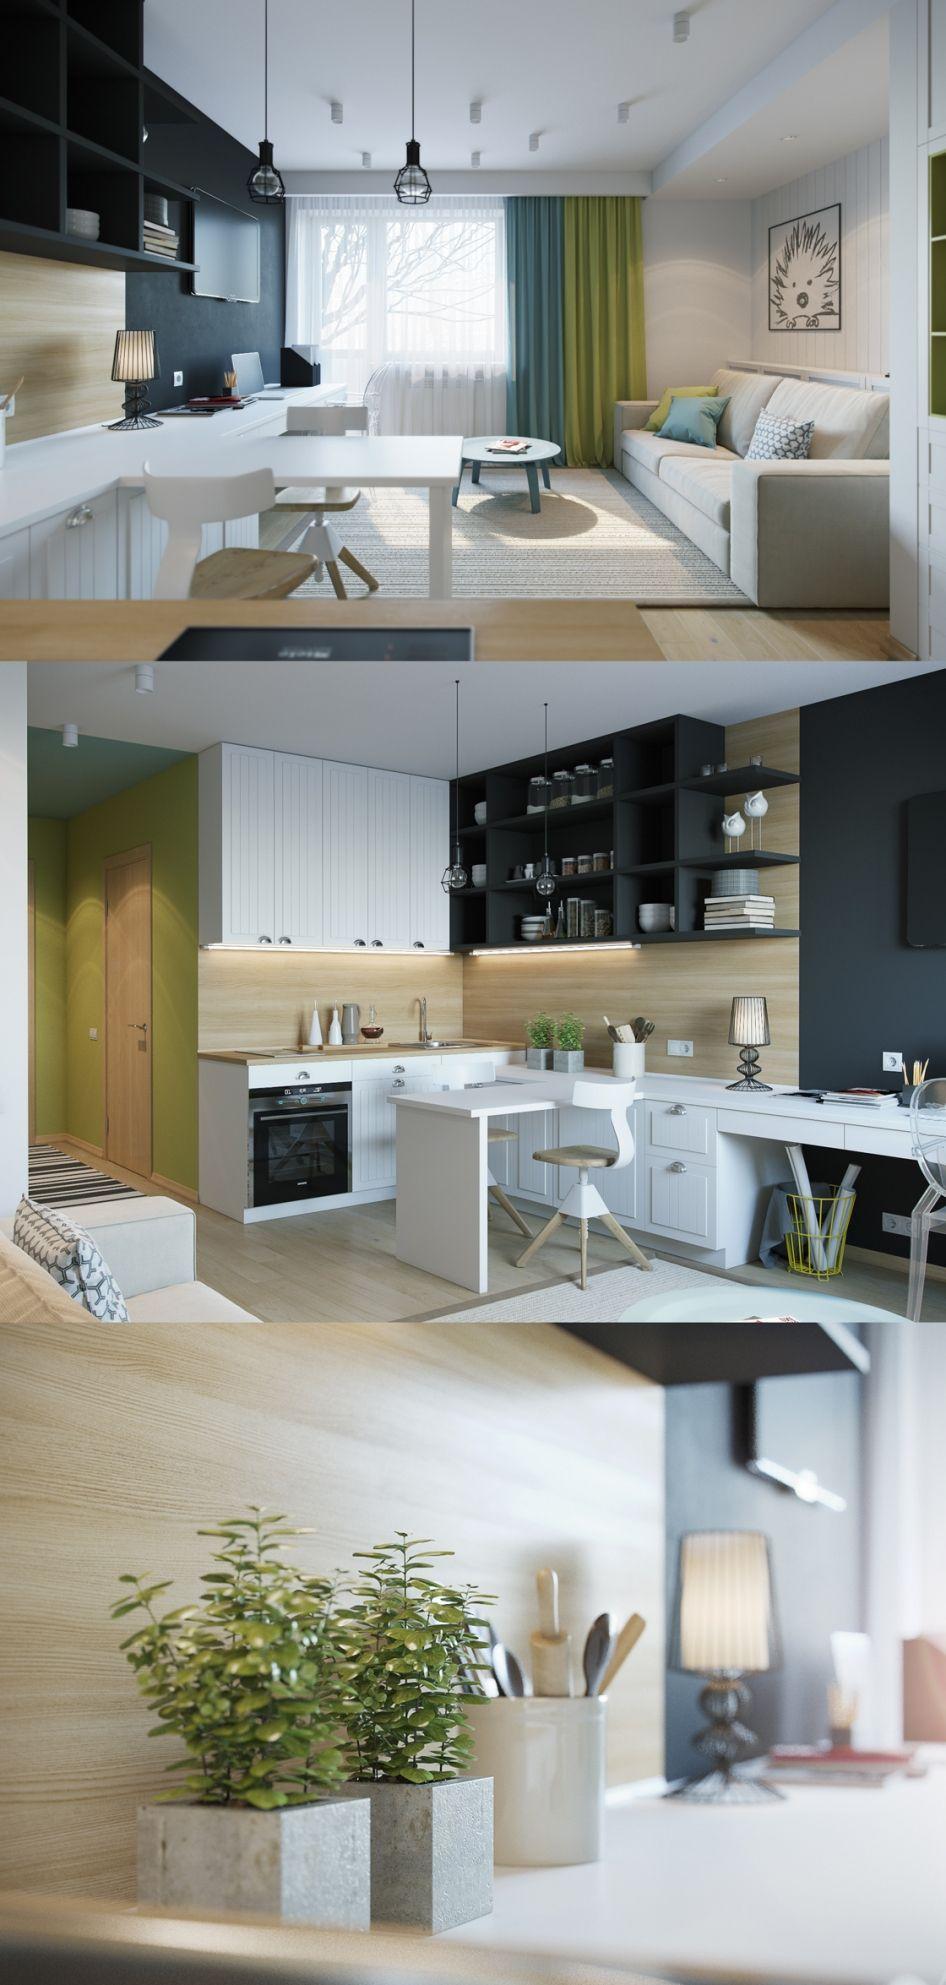 Квартира Студия ГаРерея 3ddd Small living